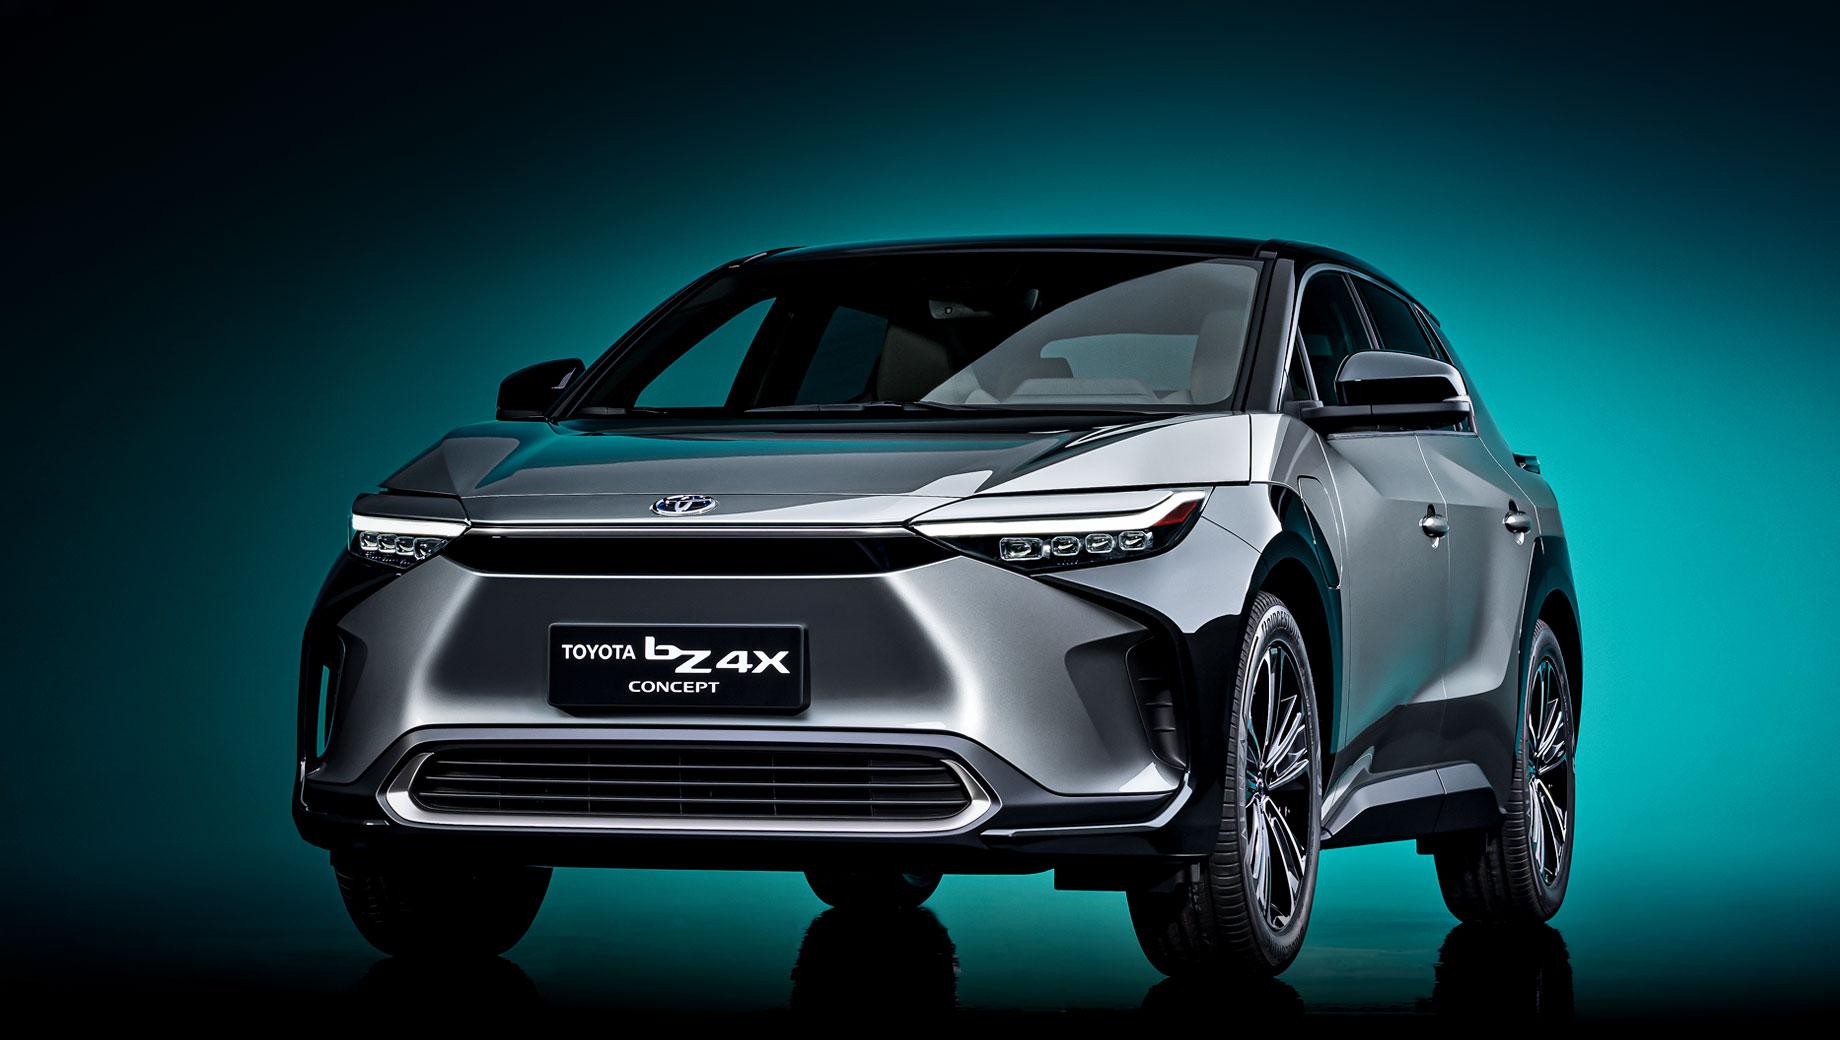 Toyota concept,Toyota bz4x. Дизайн экстерьера совмещает стремительные формы и линии (dynamism) с практичностью и утилитарностью (utility). Решётки нет, а расположение диодной светотехники и датчиков охарактеризовано как «наконечник молота» (hammerhead). По размерам bZ4X близок к компакту RAV4.